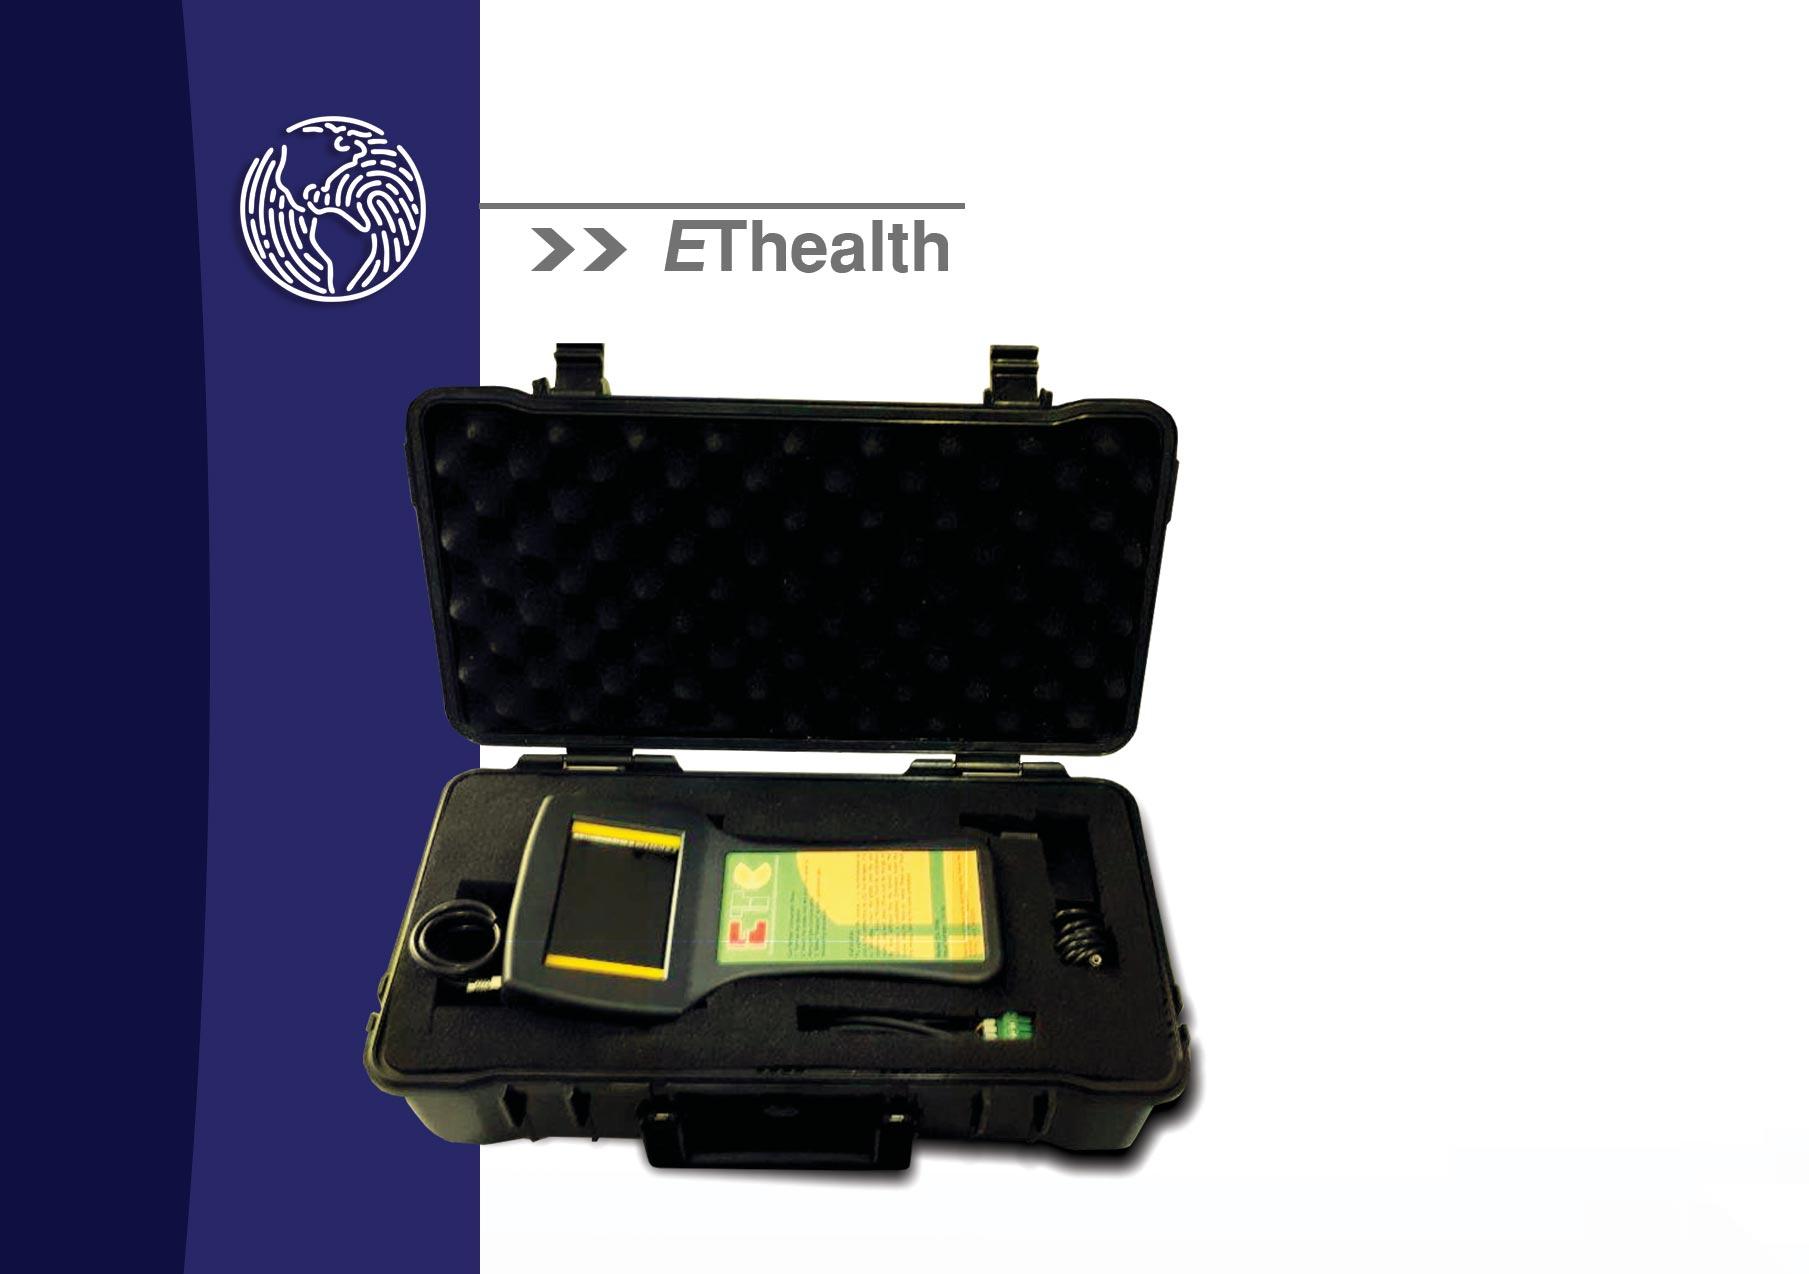 کالیبراتور CO2 ,- O2 که به صورت SD CARD ذخیره و با نمایش REAL-TIME